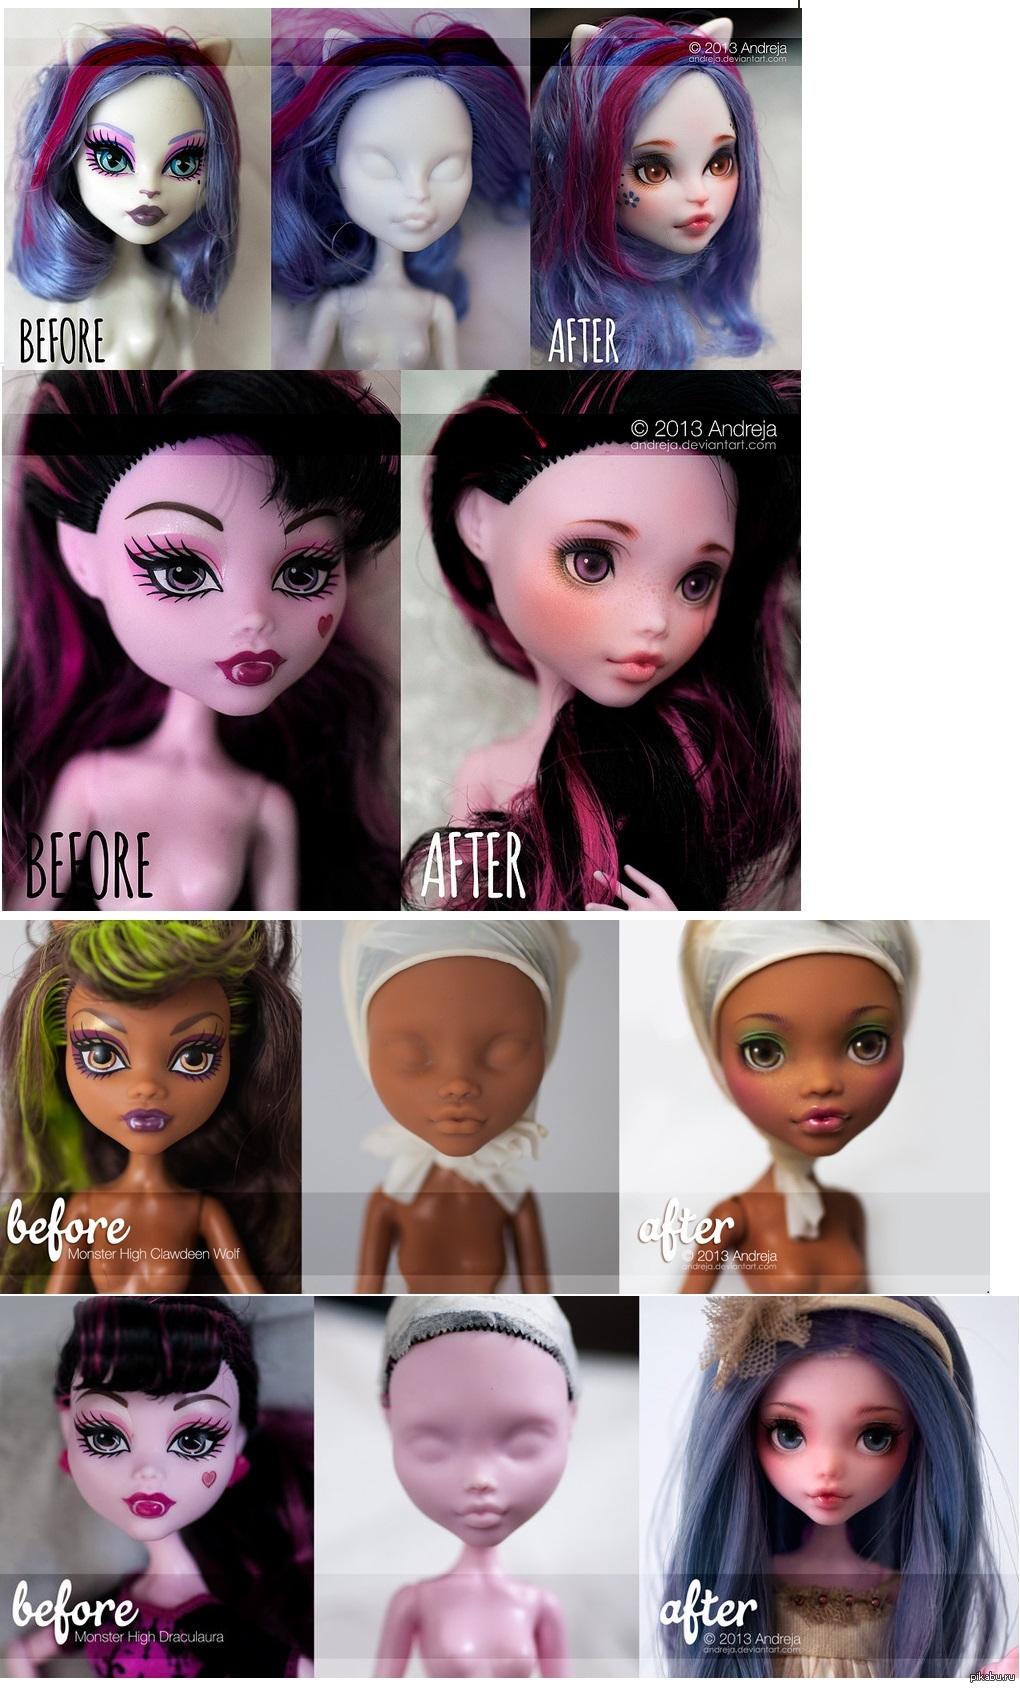 Смотреть Как накрасить глаза, как у куклы видео